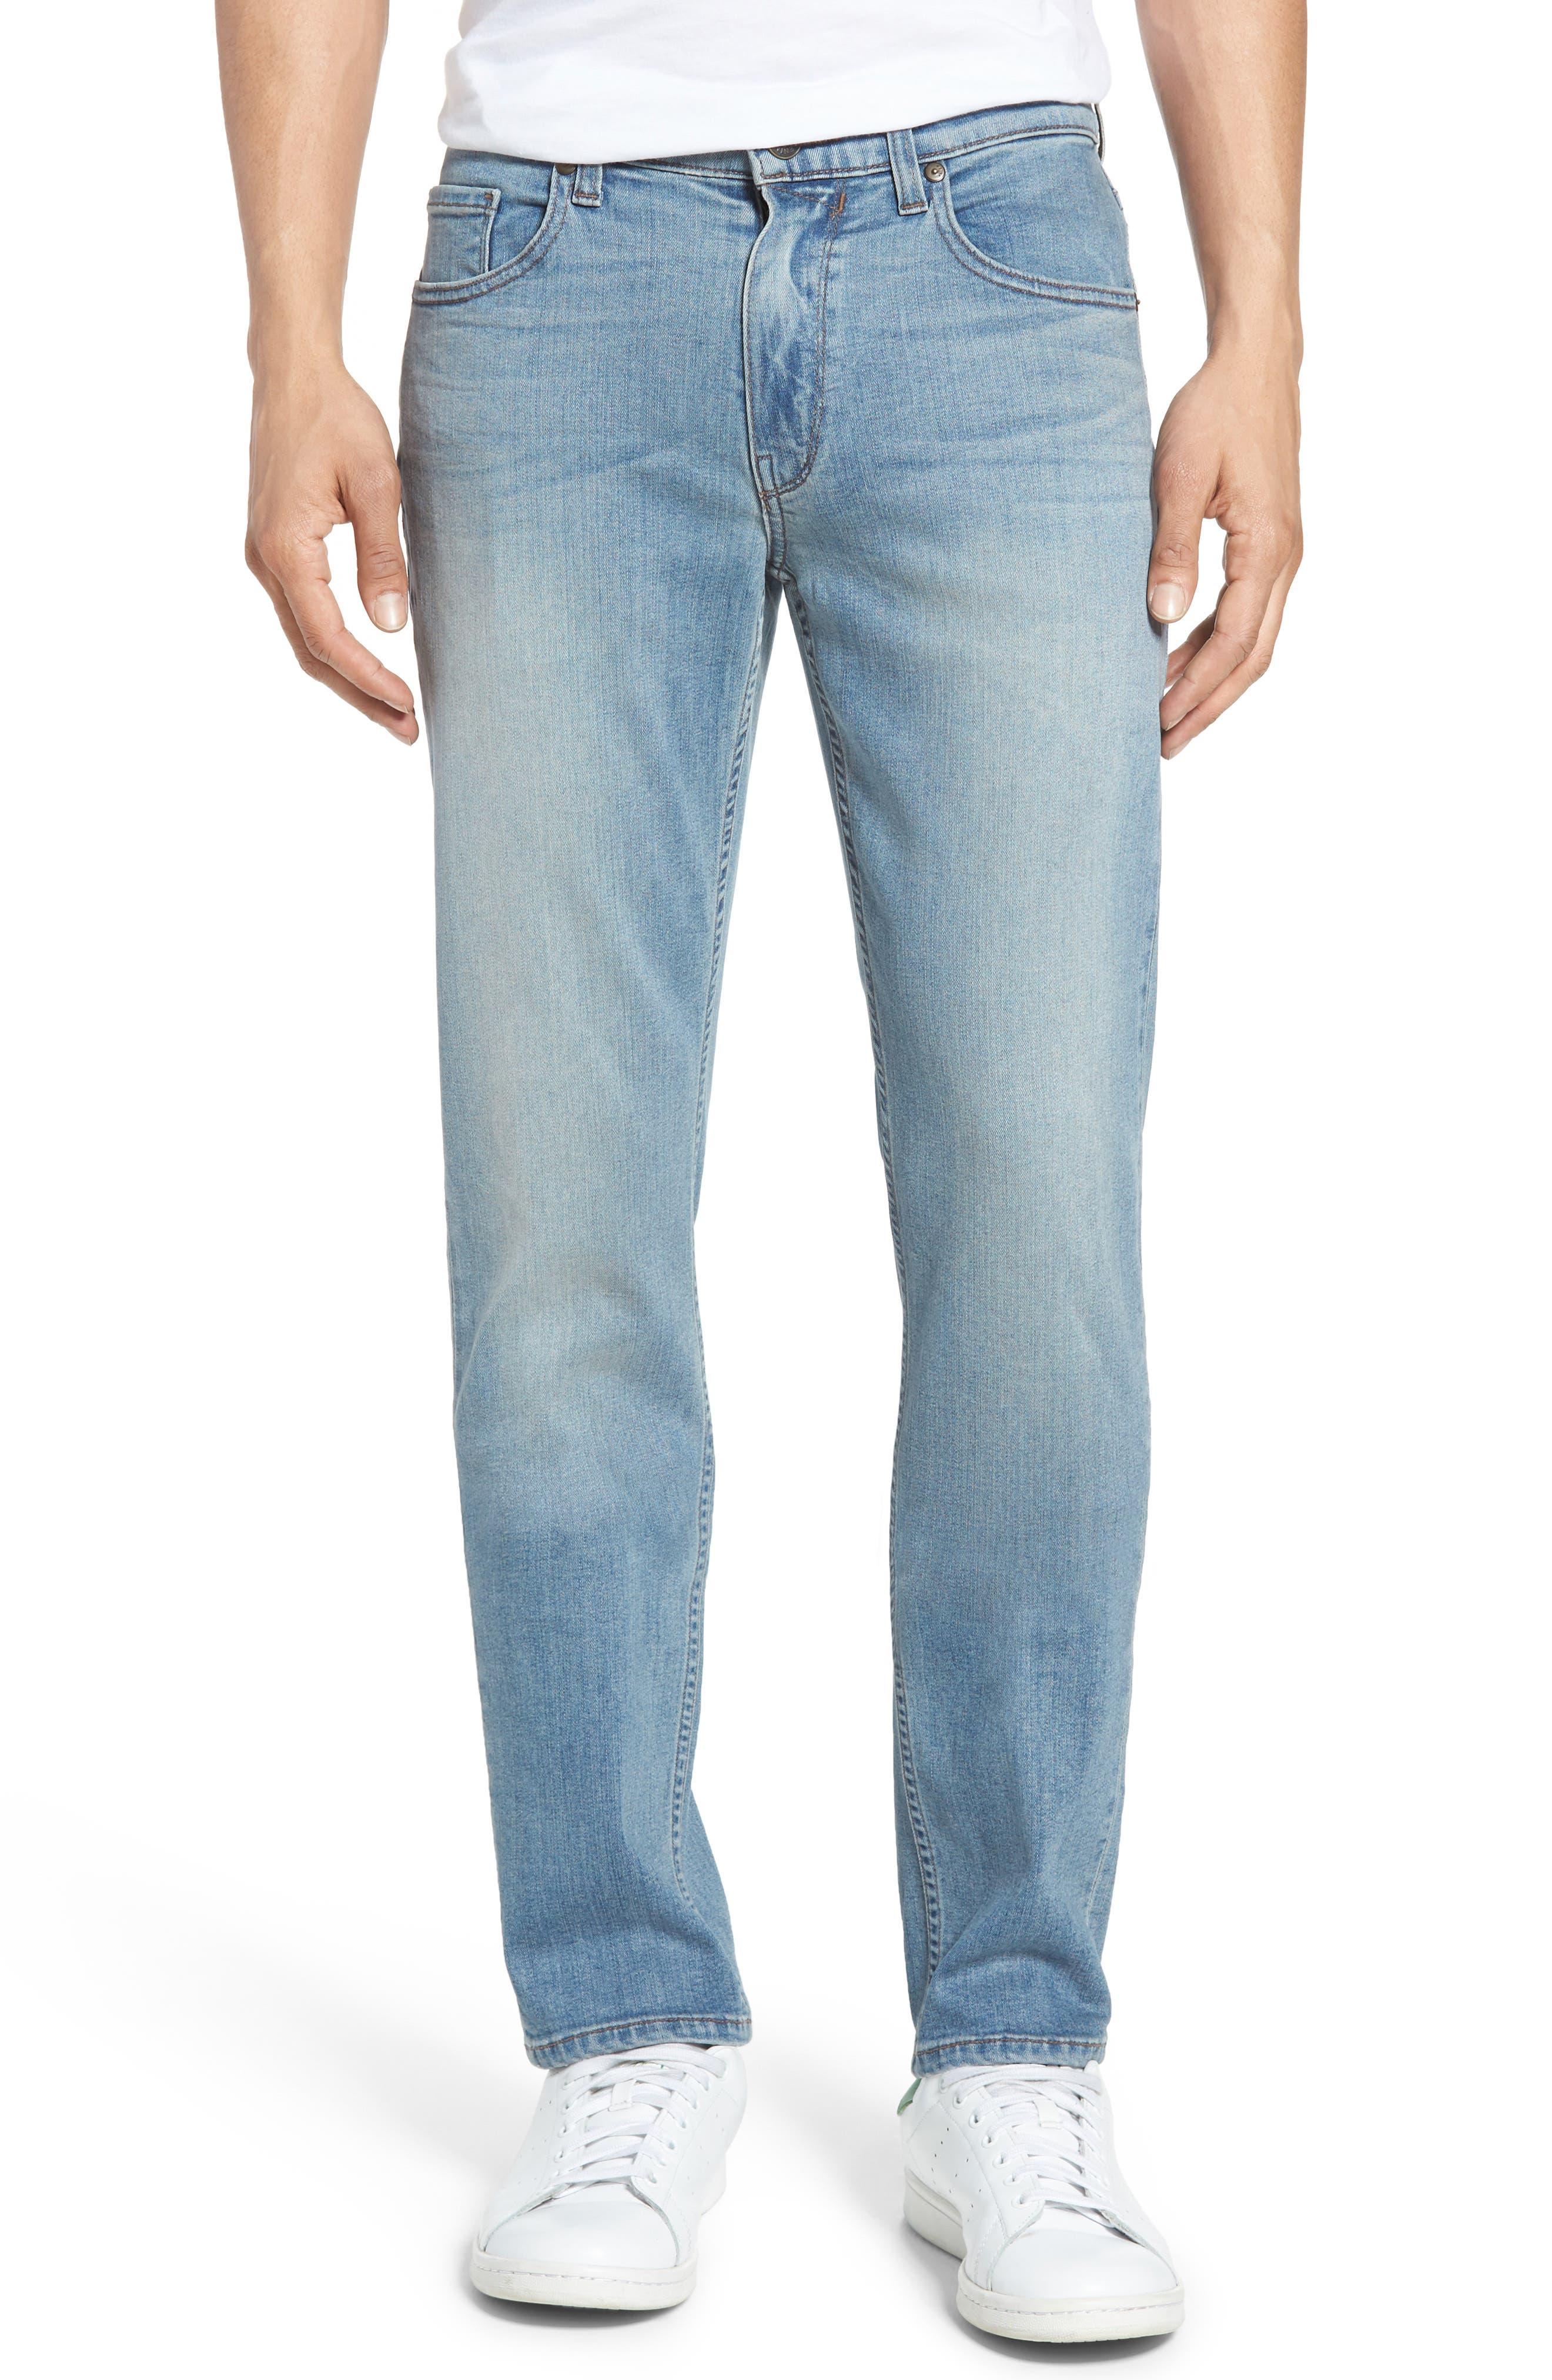 PAIGE Transcend - Lennox Slim Fit Jeans (Rafi)